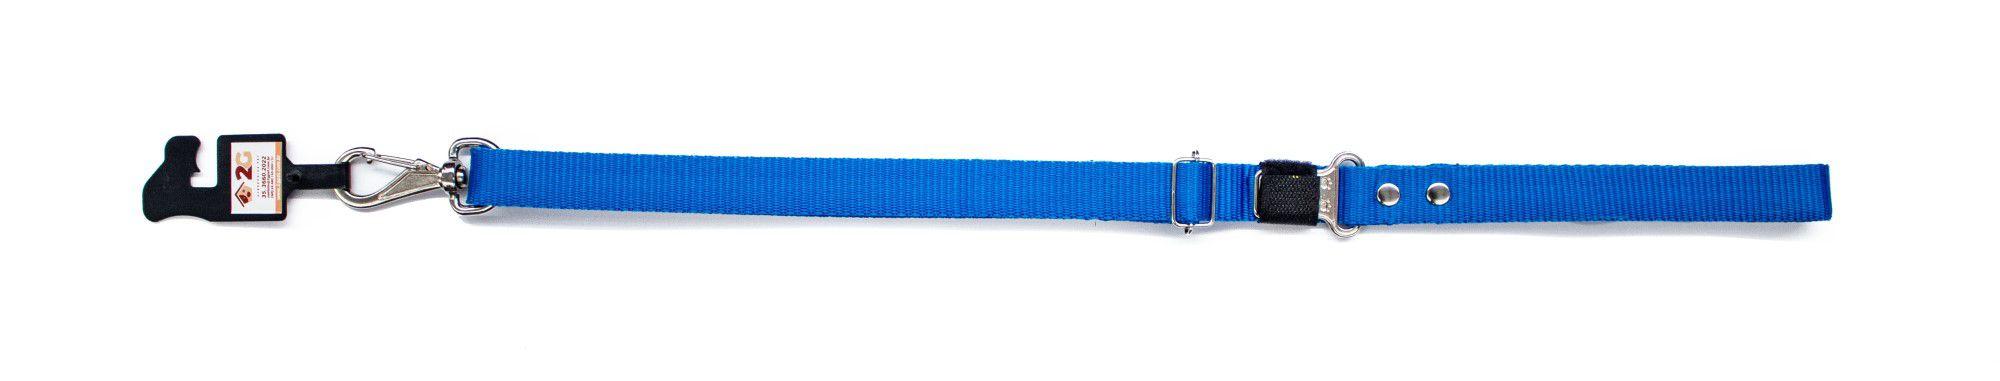 Cinto de Segurança para Cachorro com Guia 2 em 1 - Azul